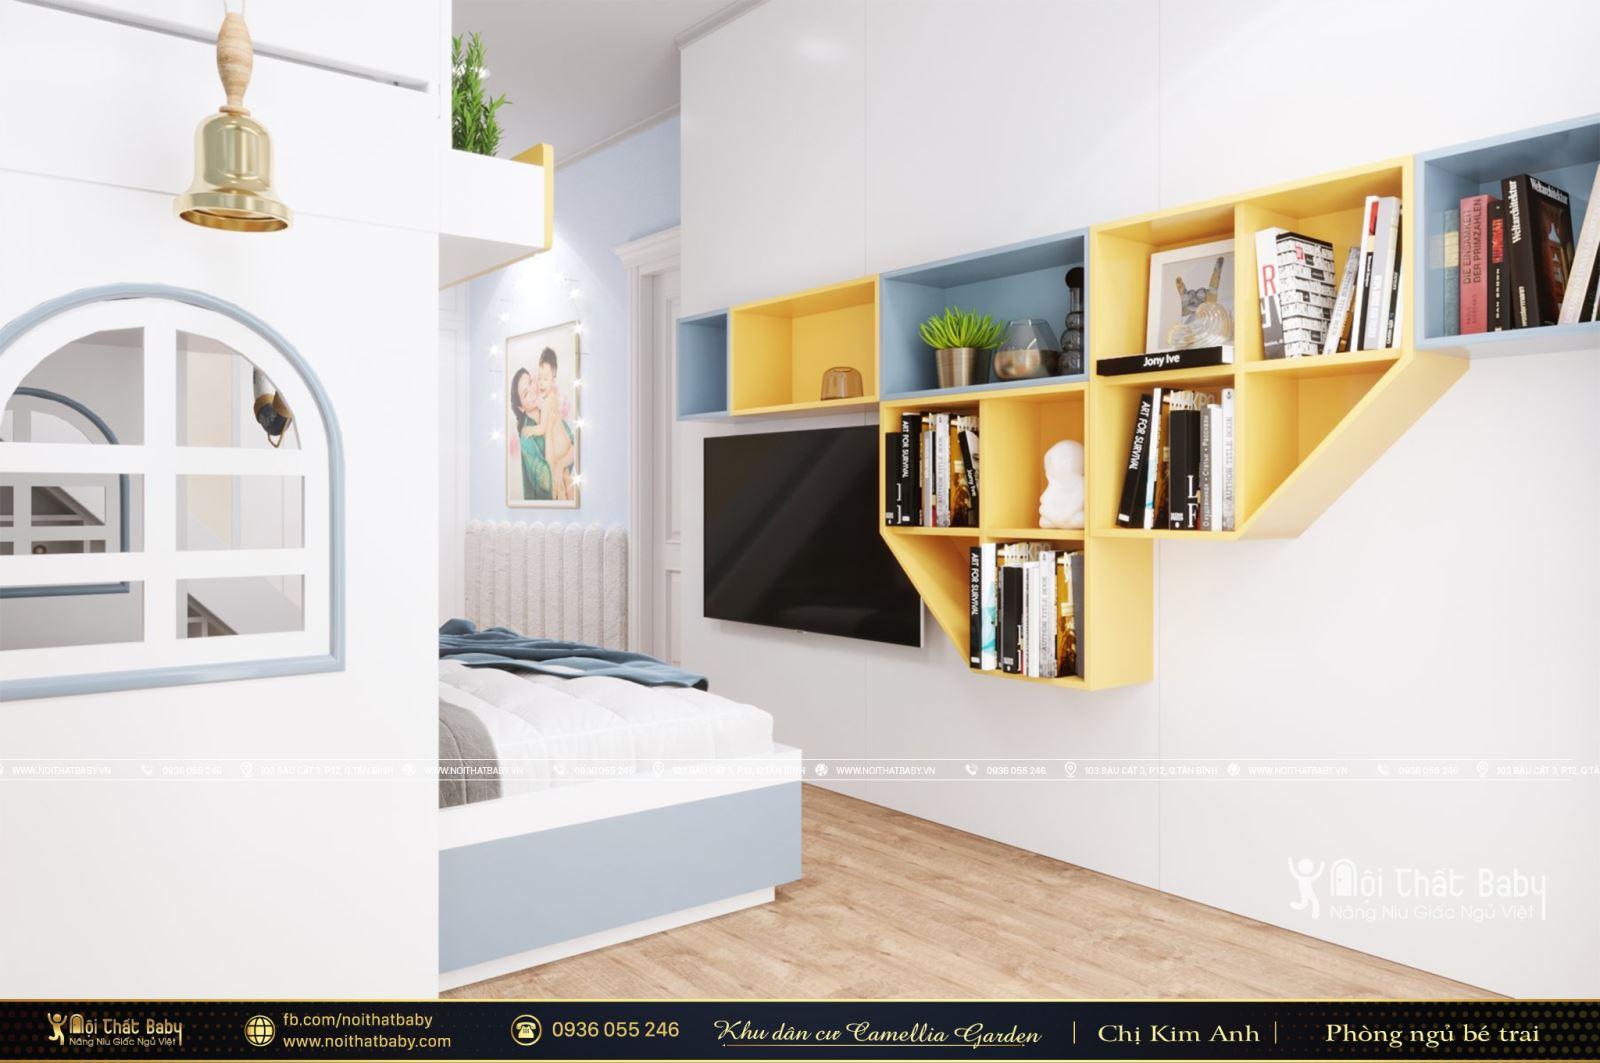 Thiết kế giường tầng cho bé đẹp tại Khu dân cư Camellia Garden